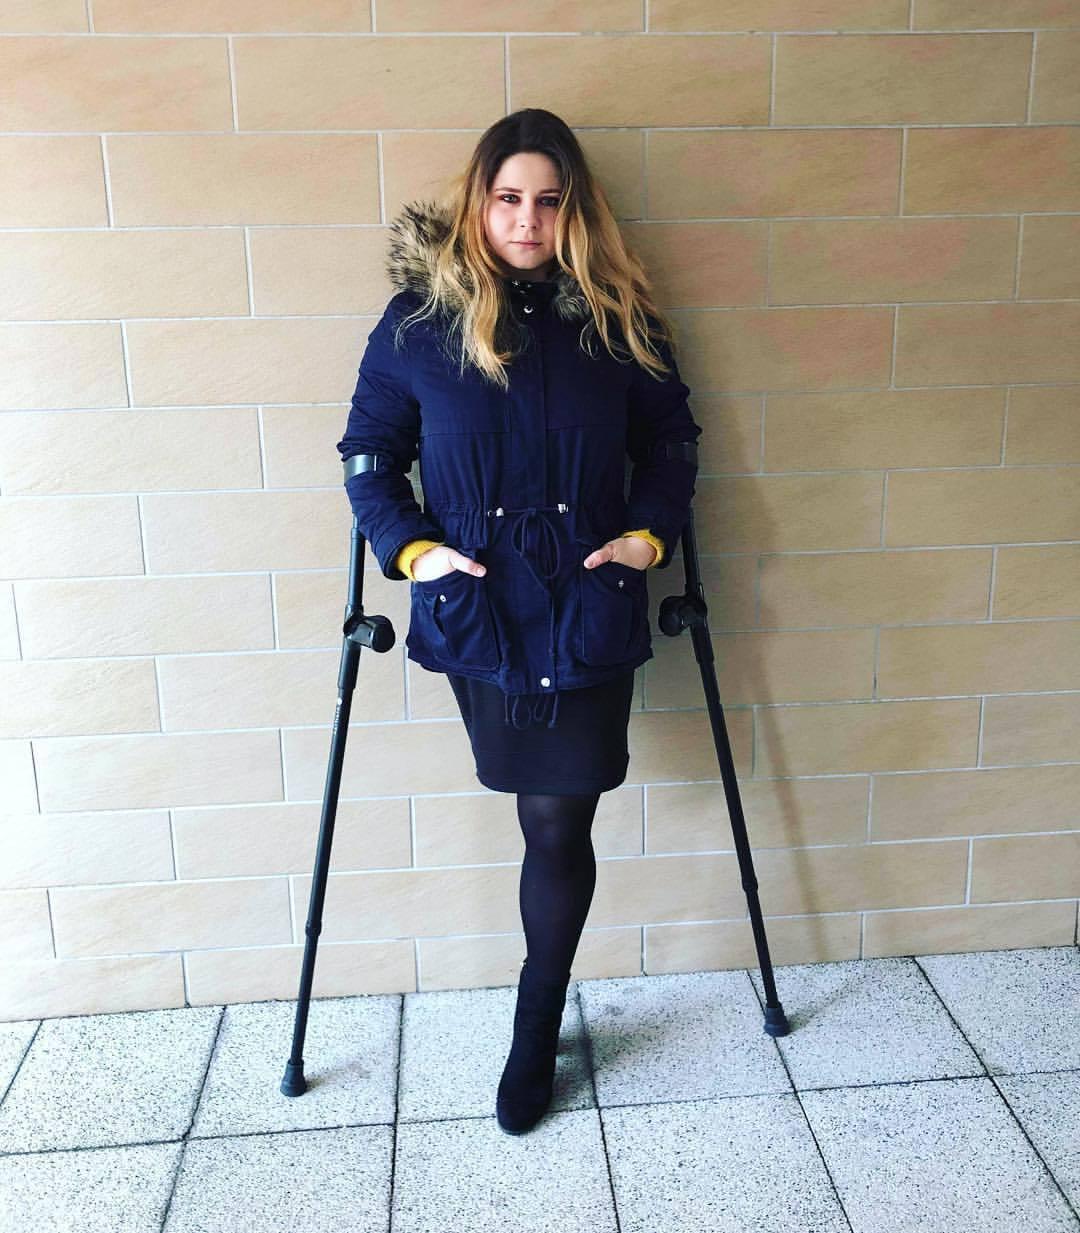 Девушки на костылях! - Amputee woman on crutches! - Page 97